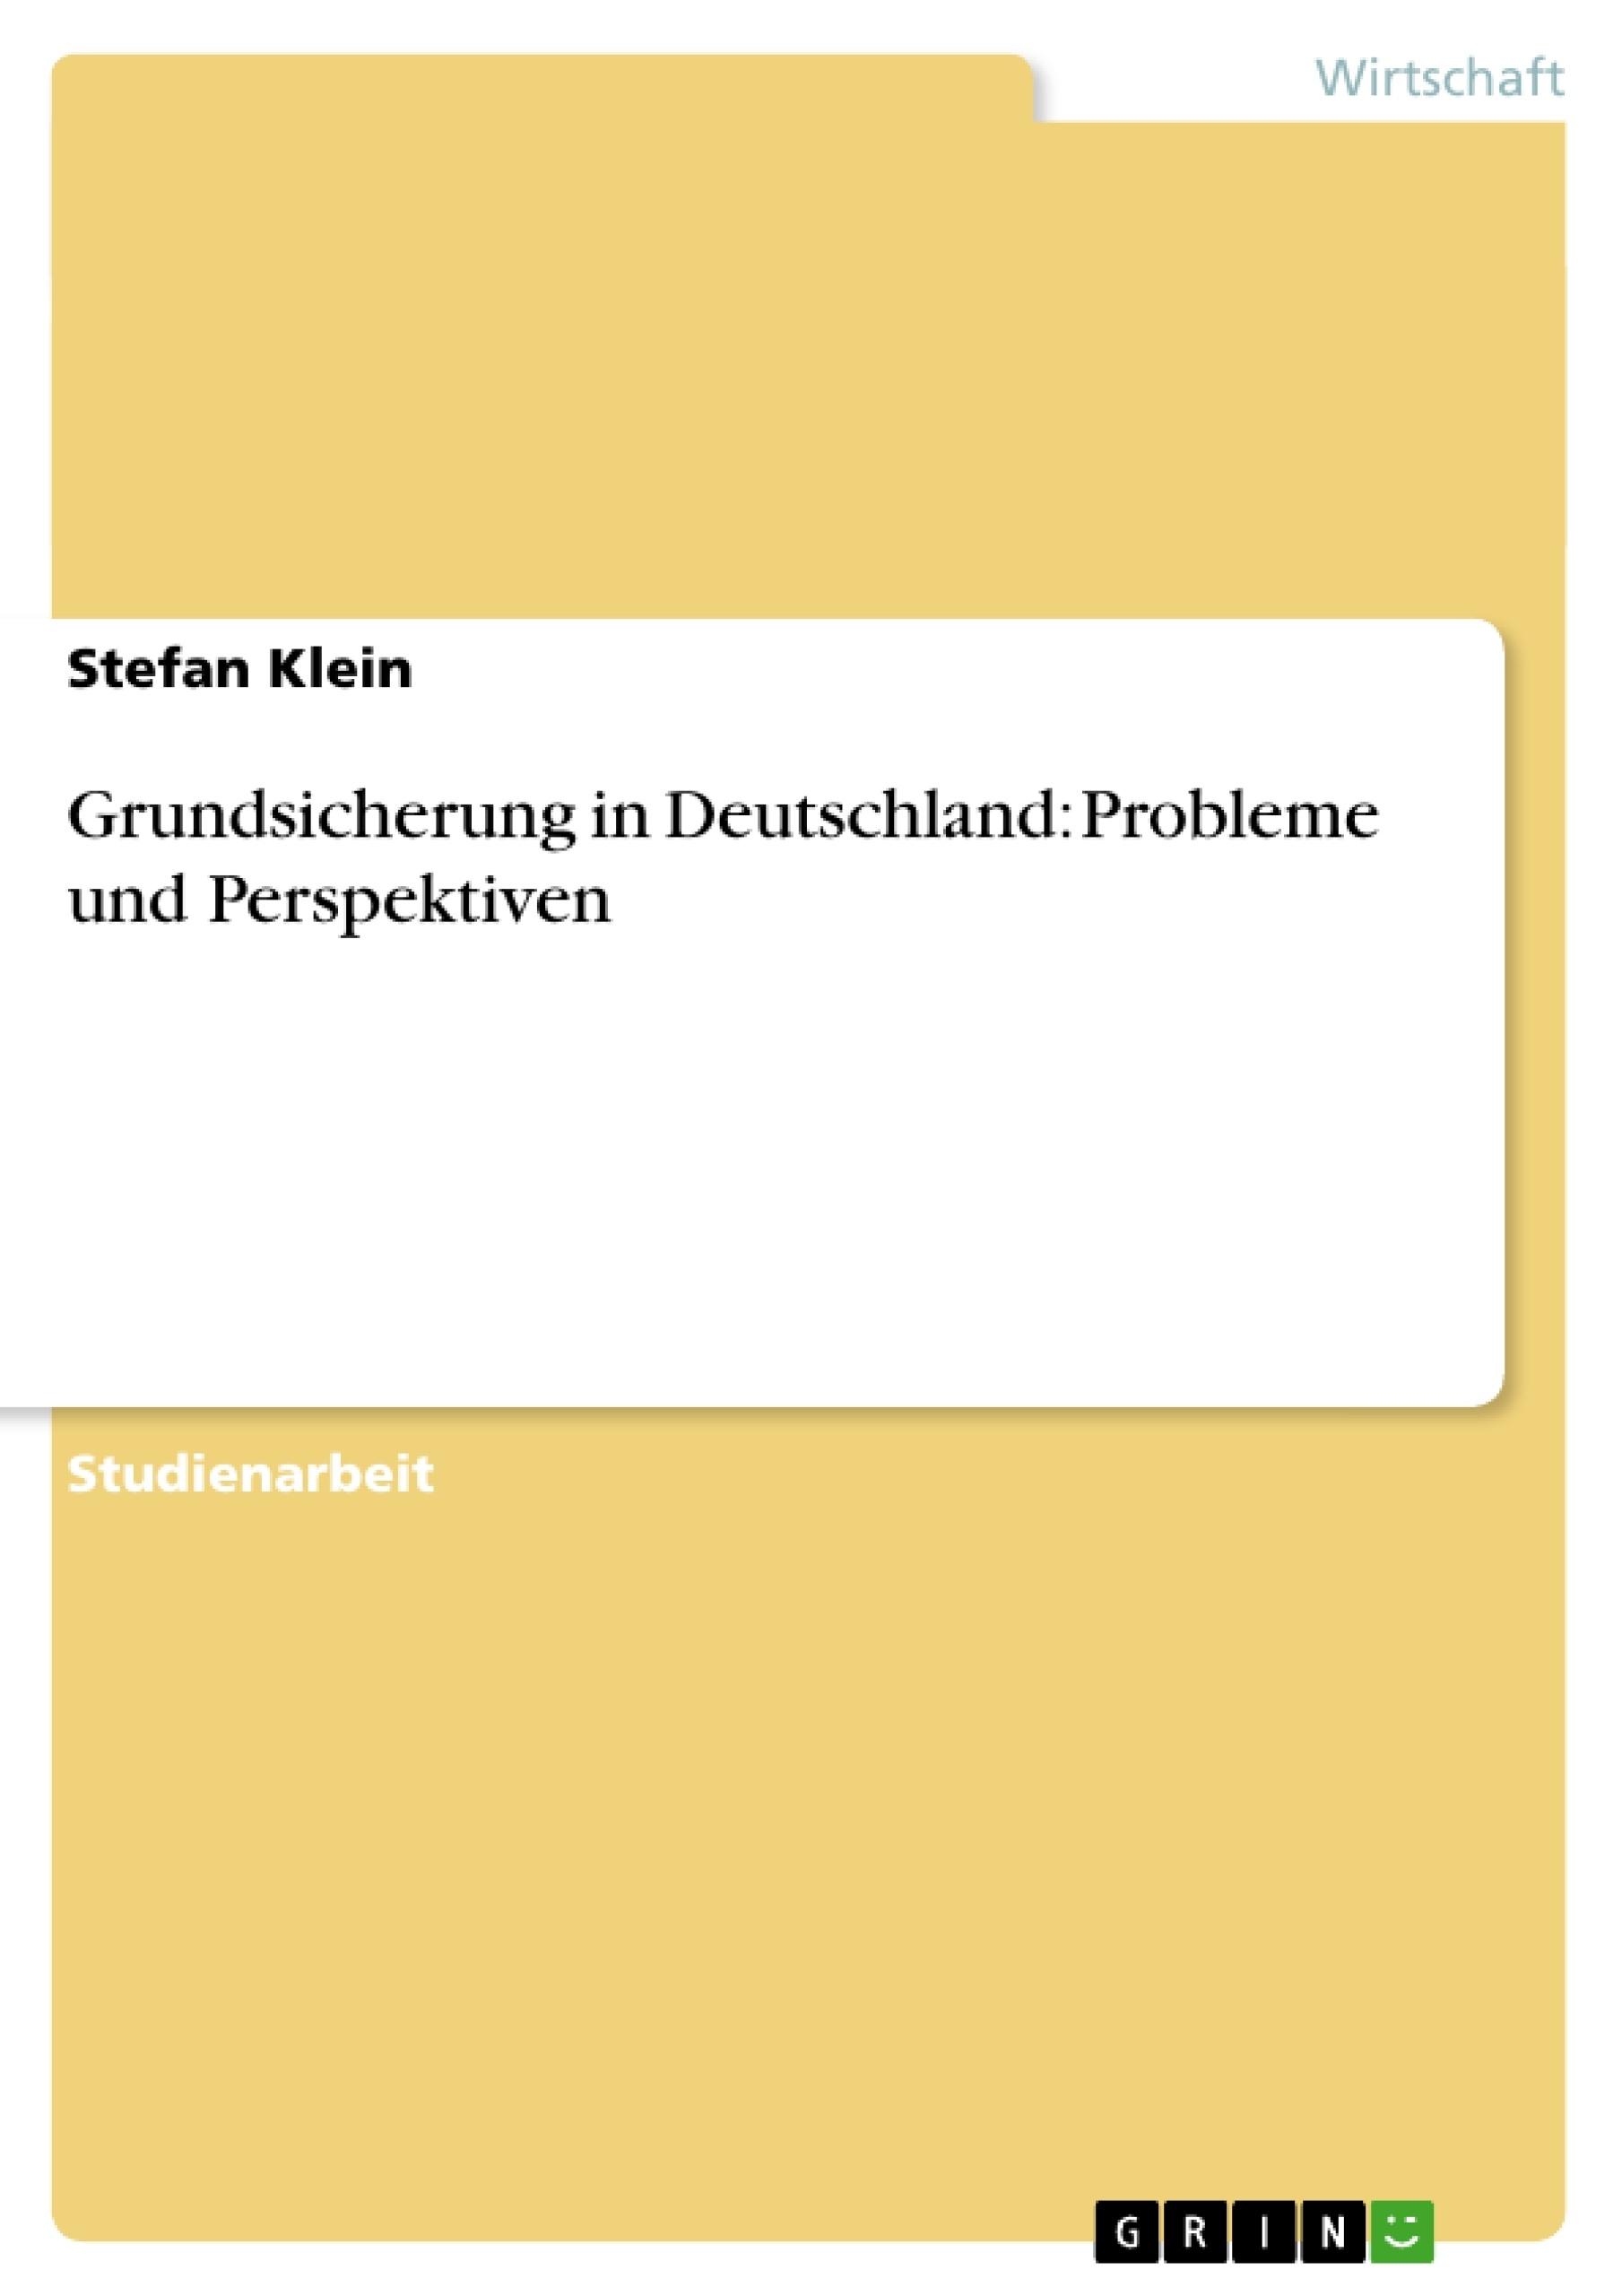 Titel: Grundsicherung in Deutschland: Probleme und Perspektiven